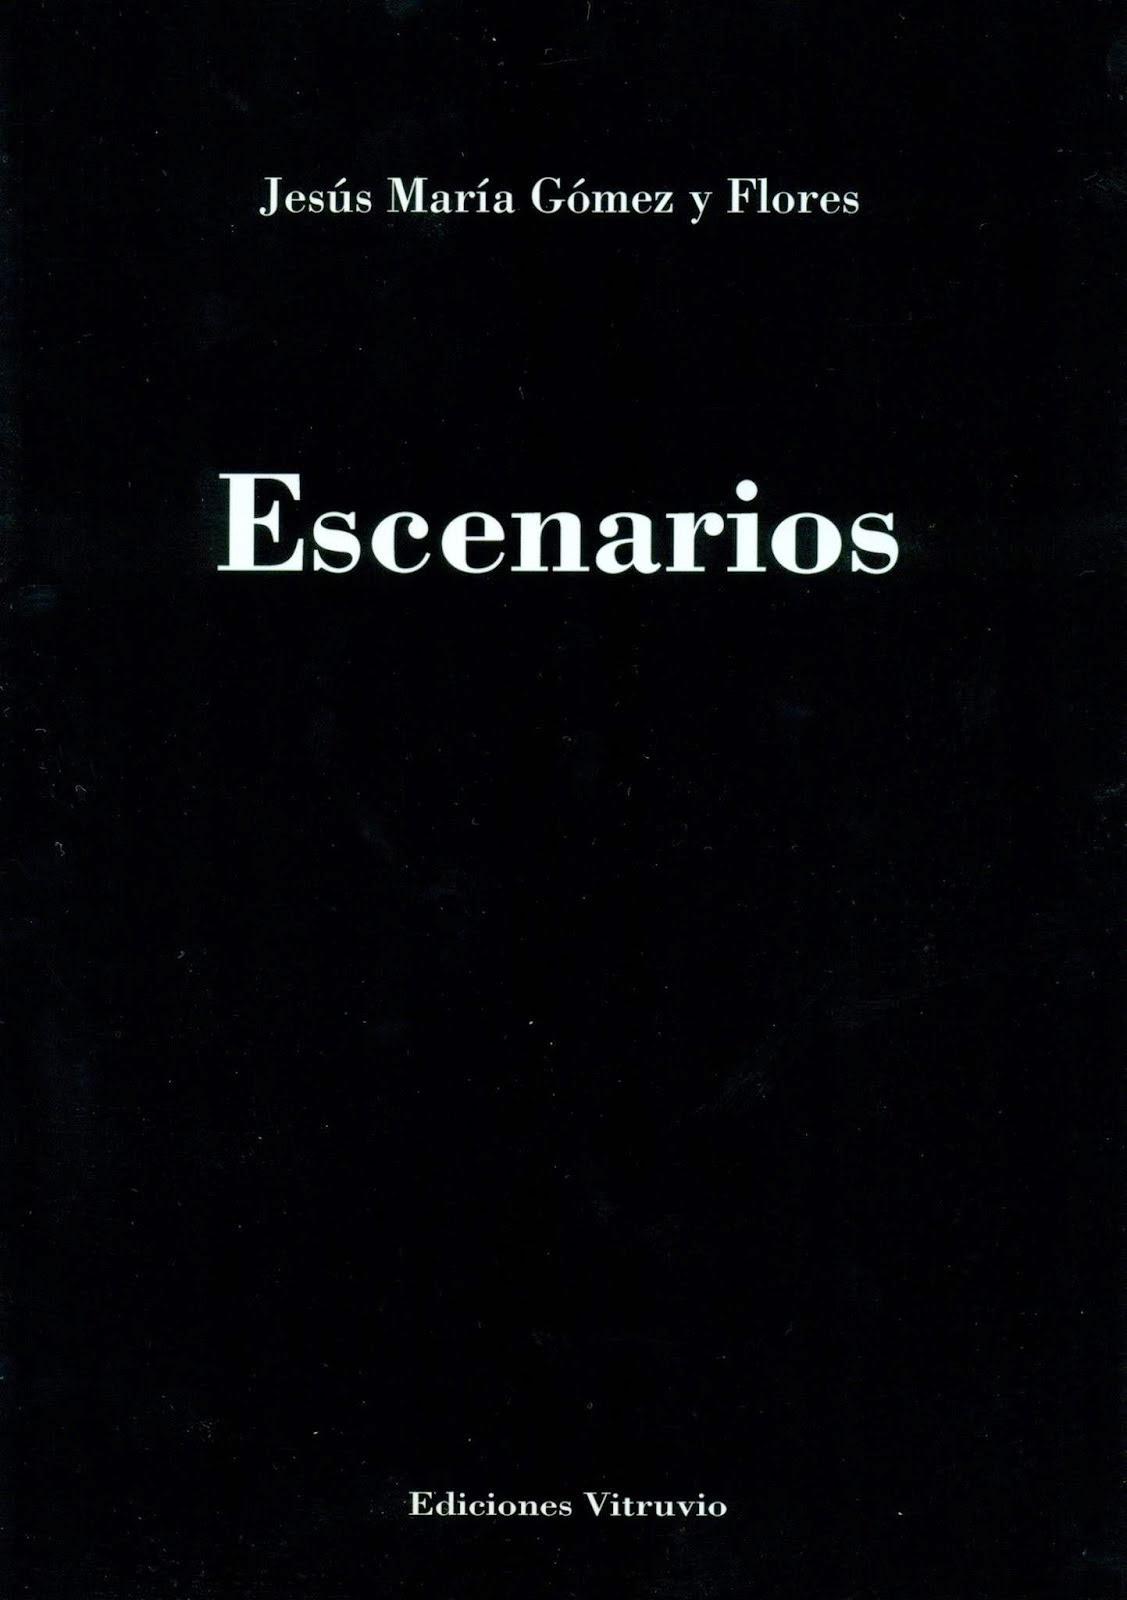 Escenarios (2014)